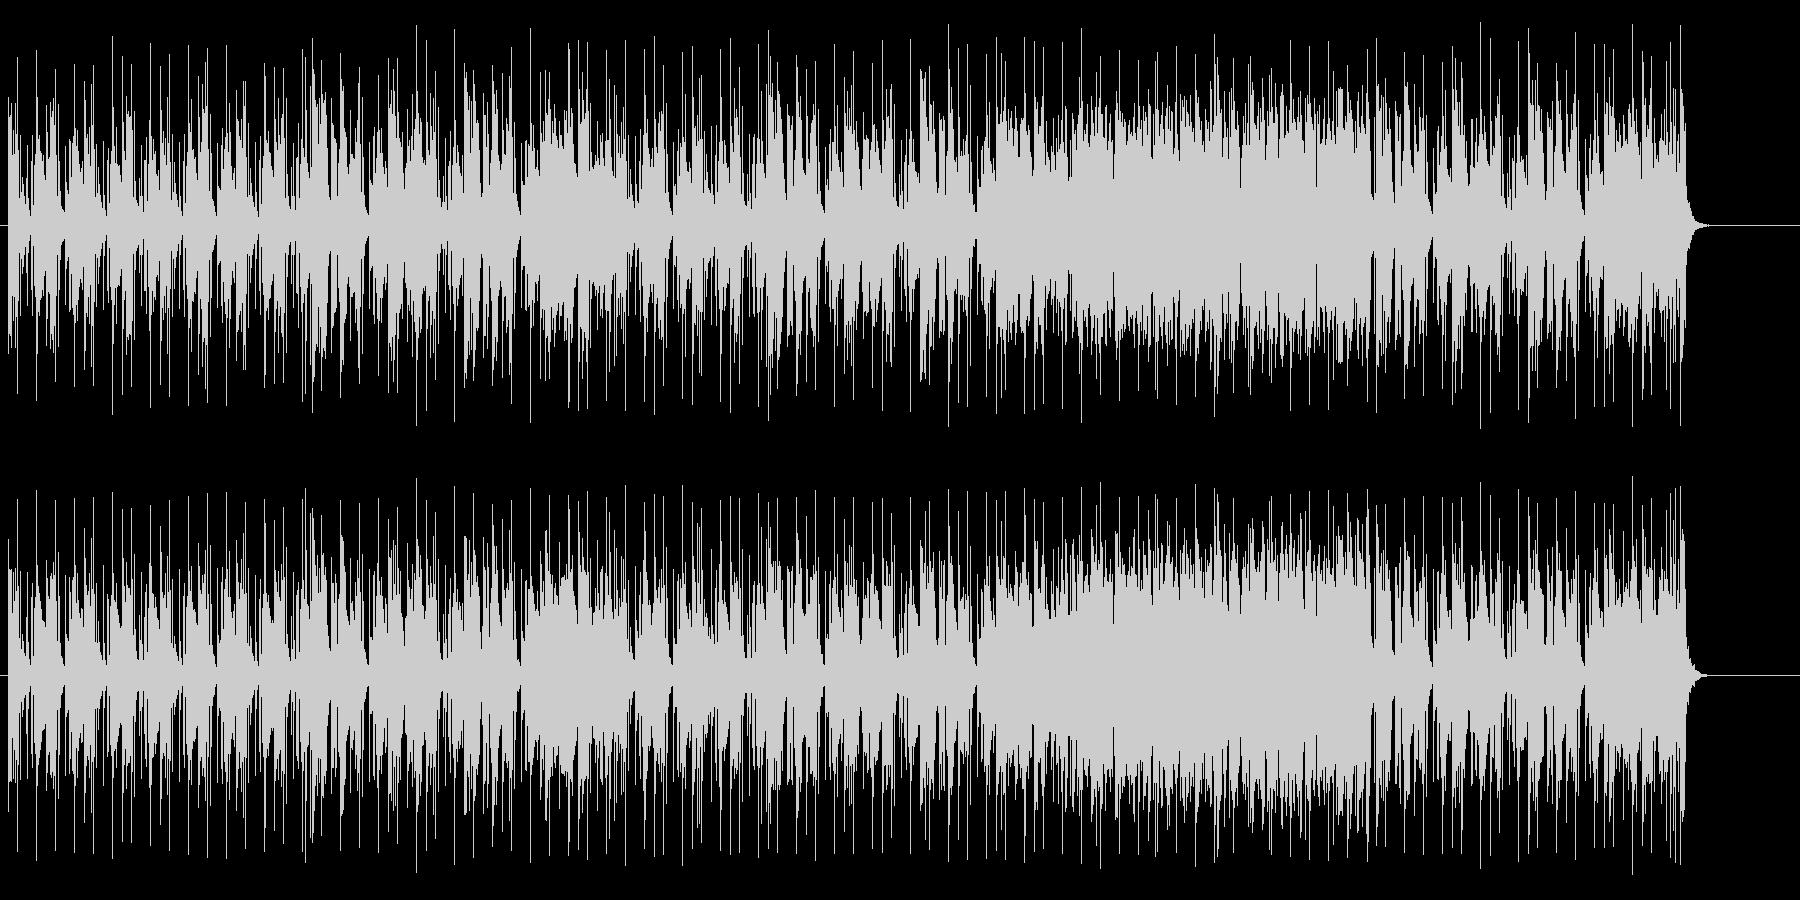 エスニックな楽器のバラエティーポップの未再生の波形